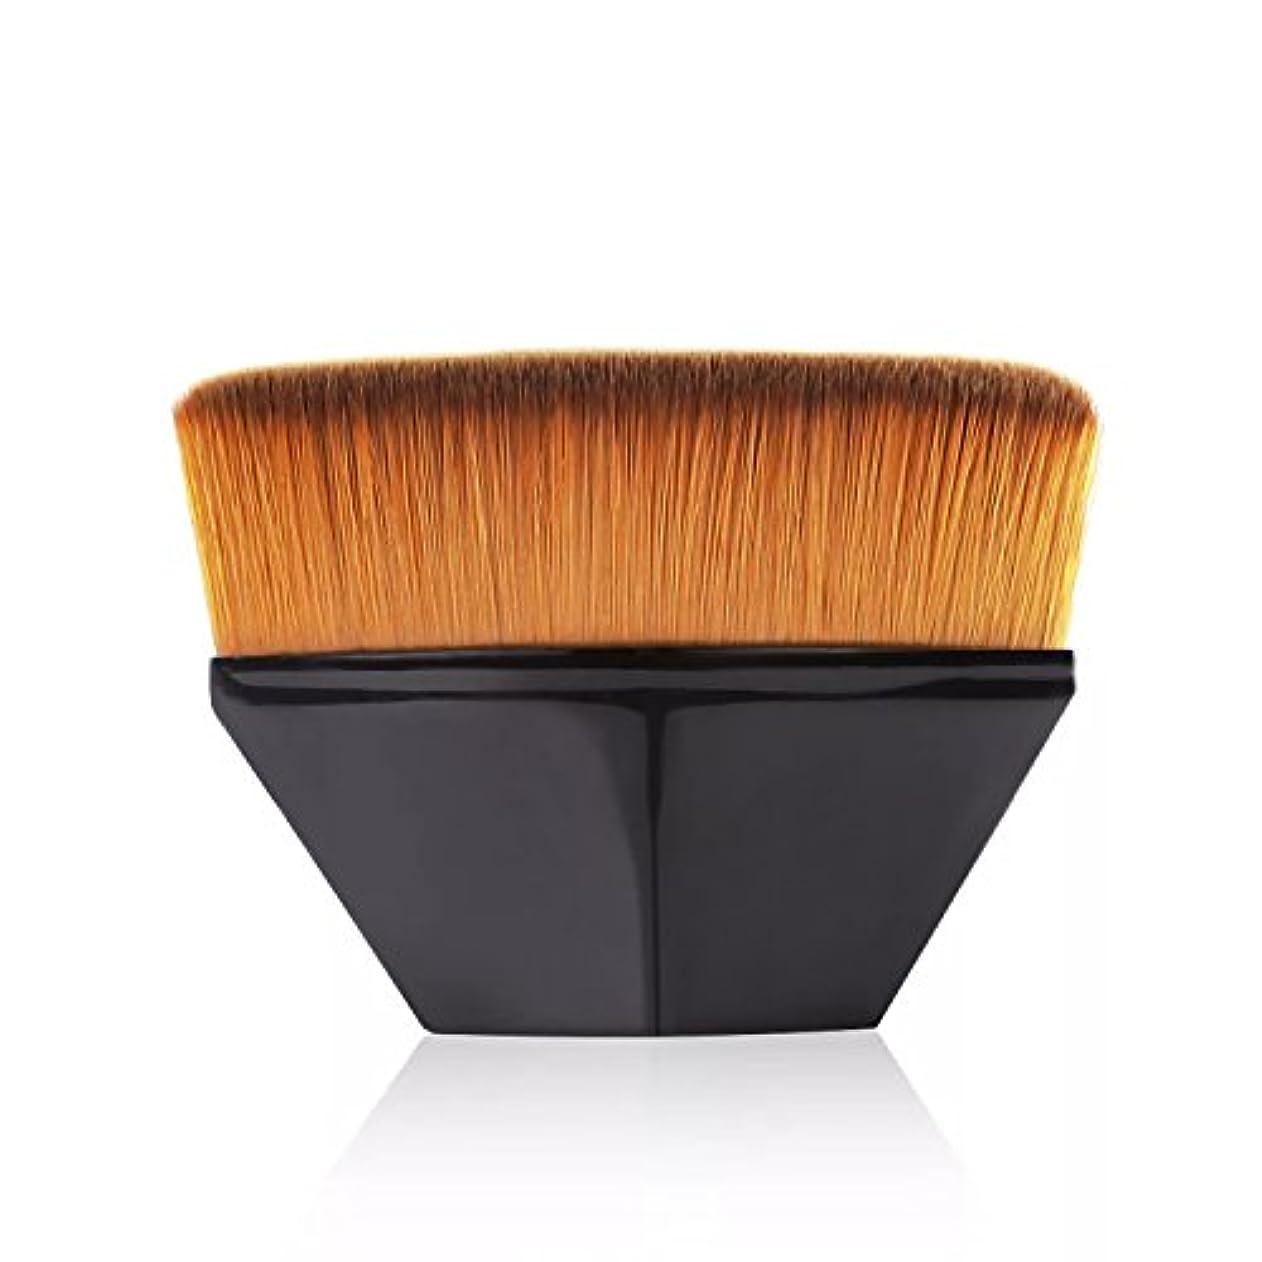 ペタル ファンデーション ブラシ 高密度合成毛 ベース ブラシ ブラック